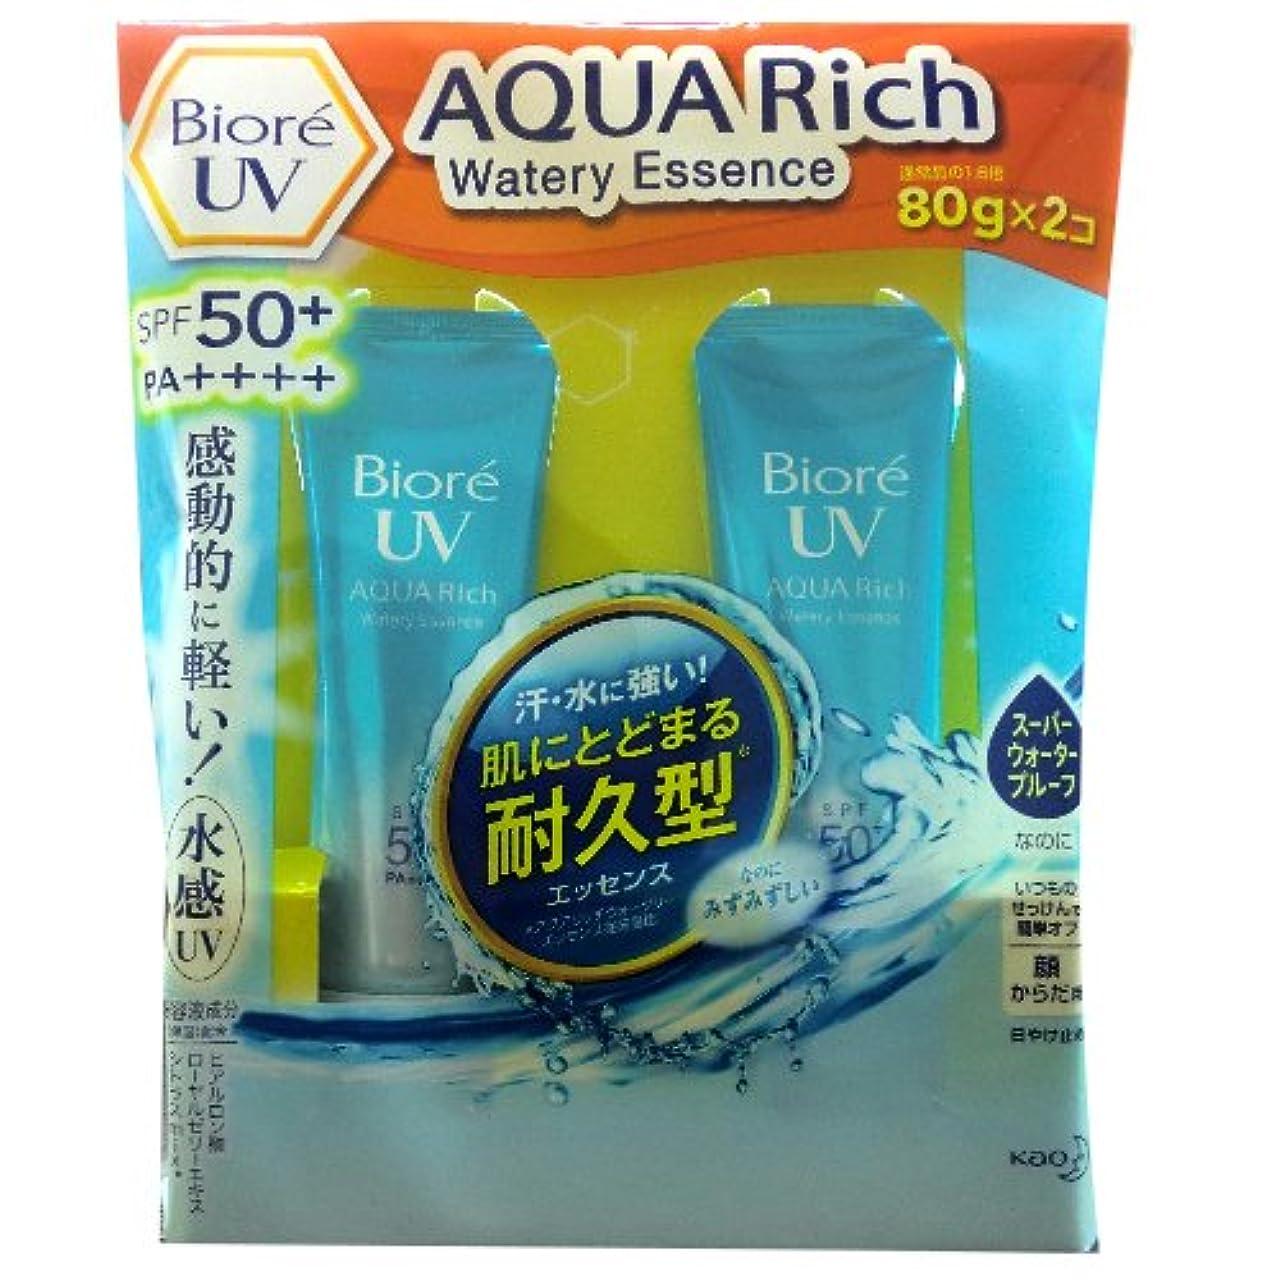 加速する栄光のその結果Biore UV AQUA Rich Watery Essence 80g×2コ